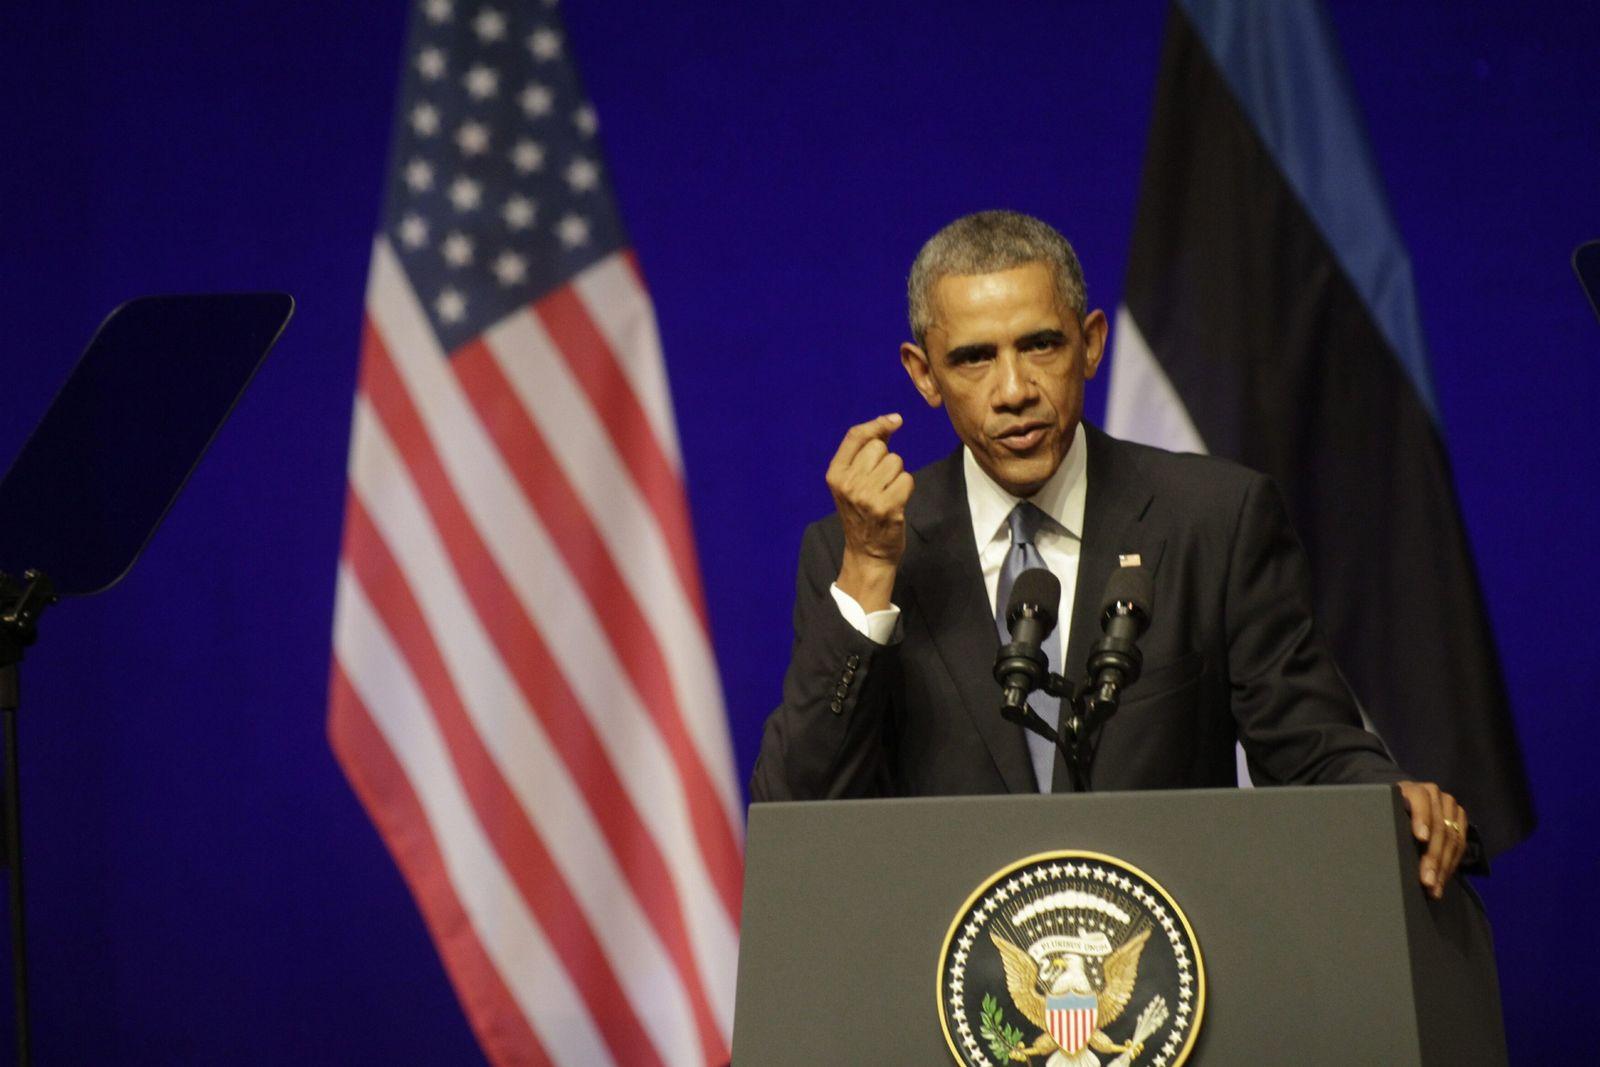 Barack Obama / Estland